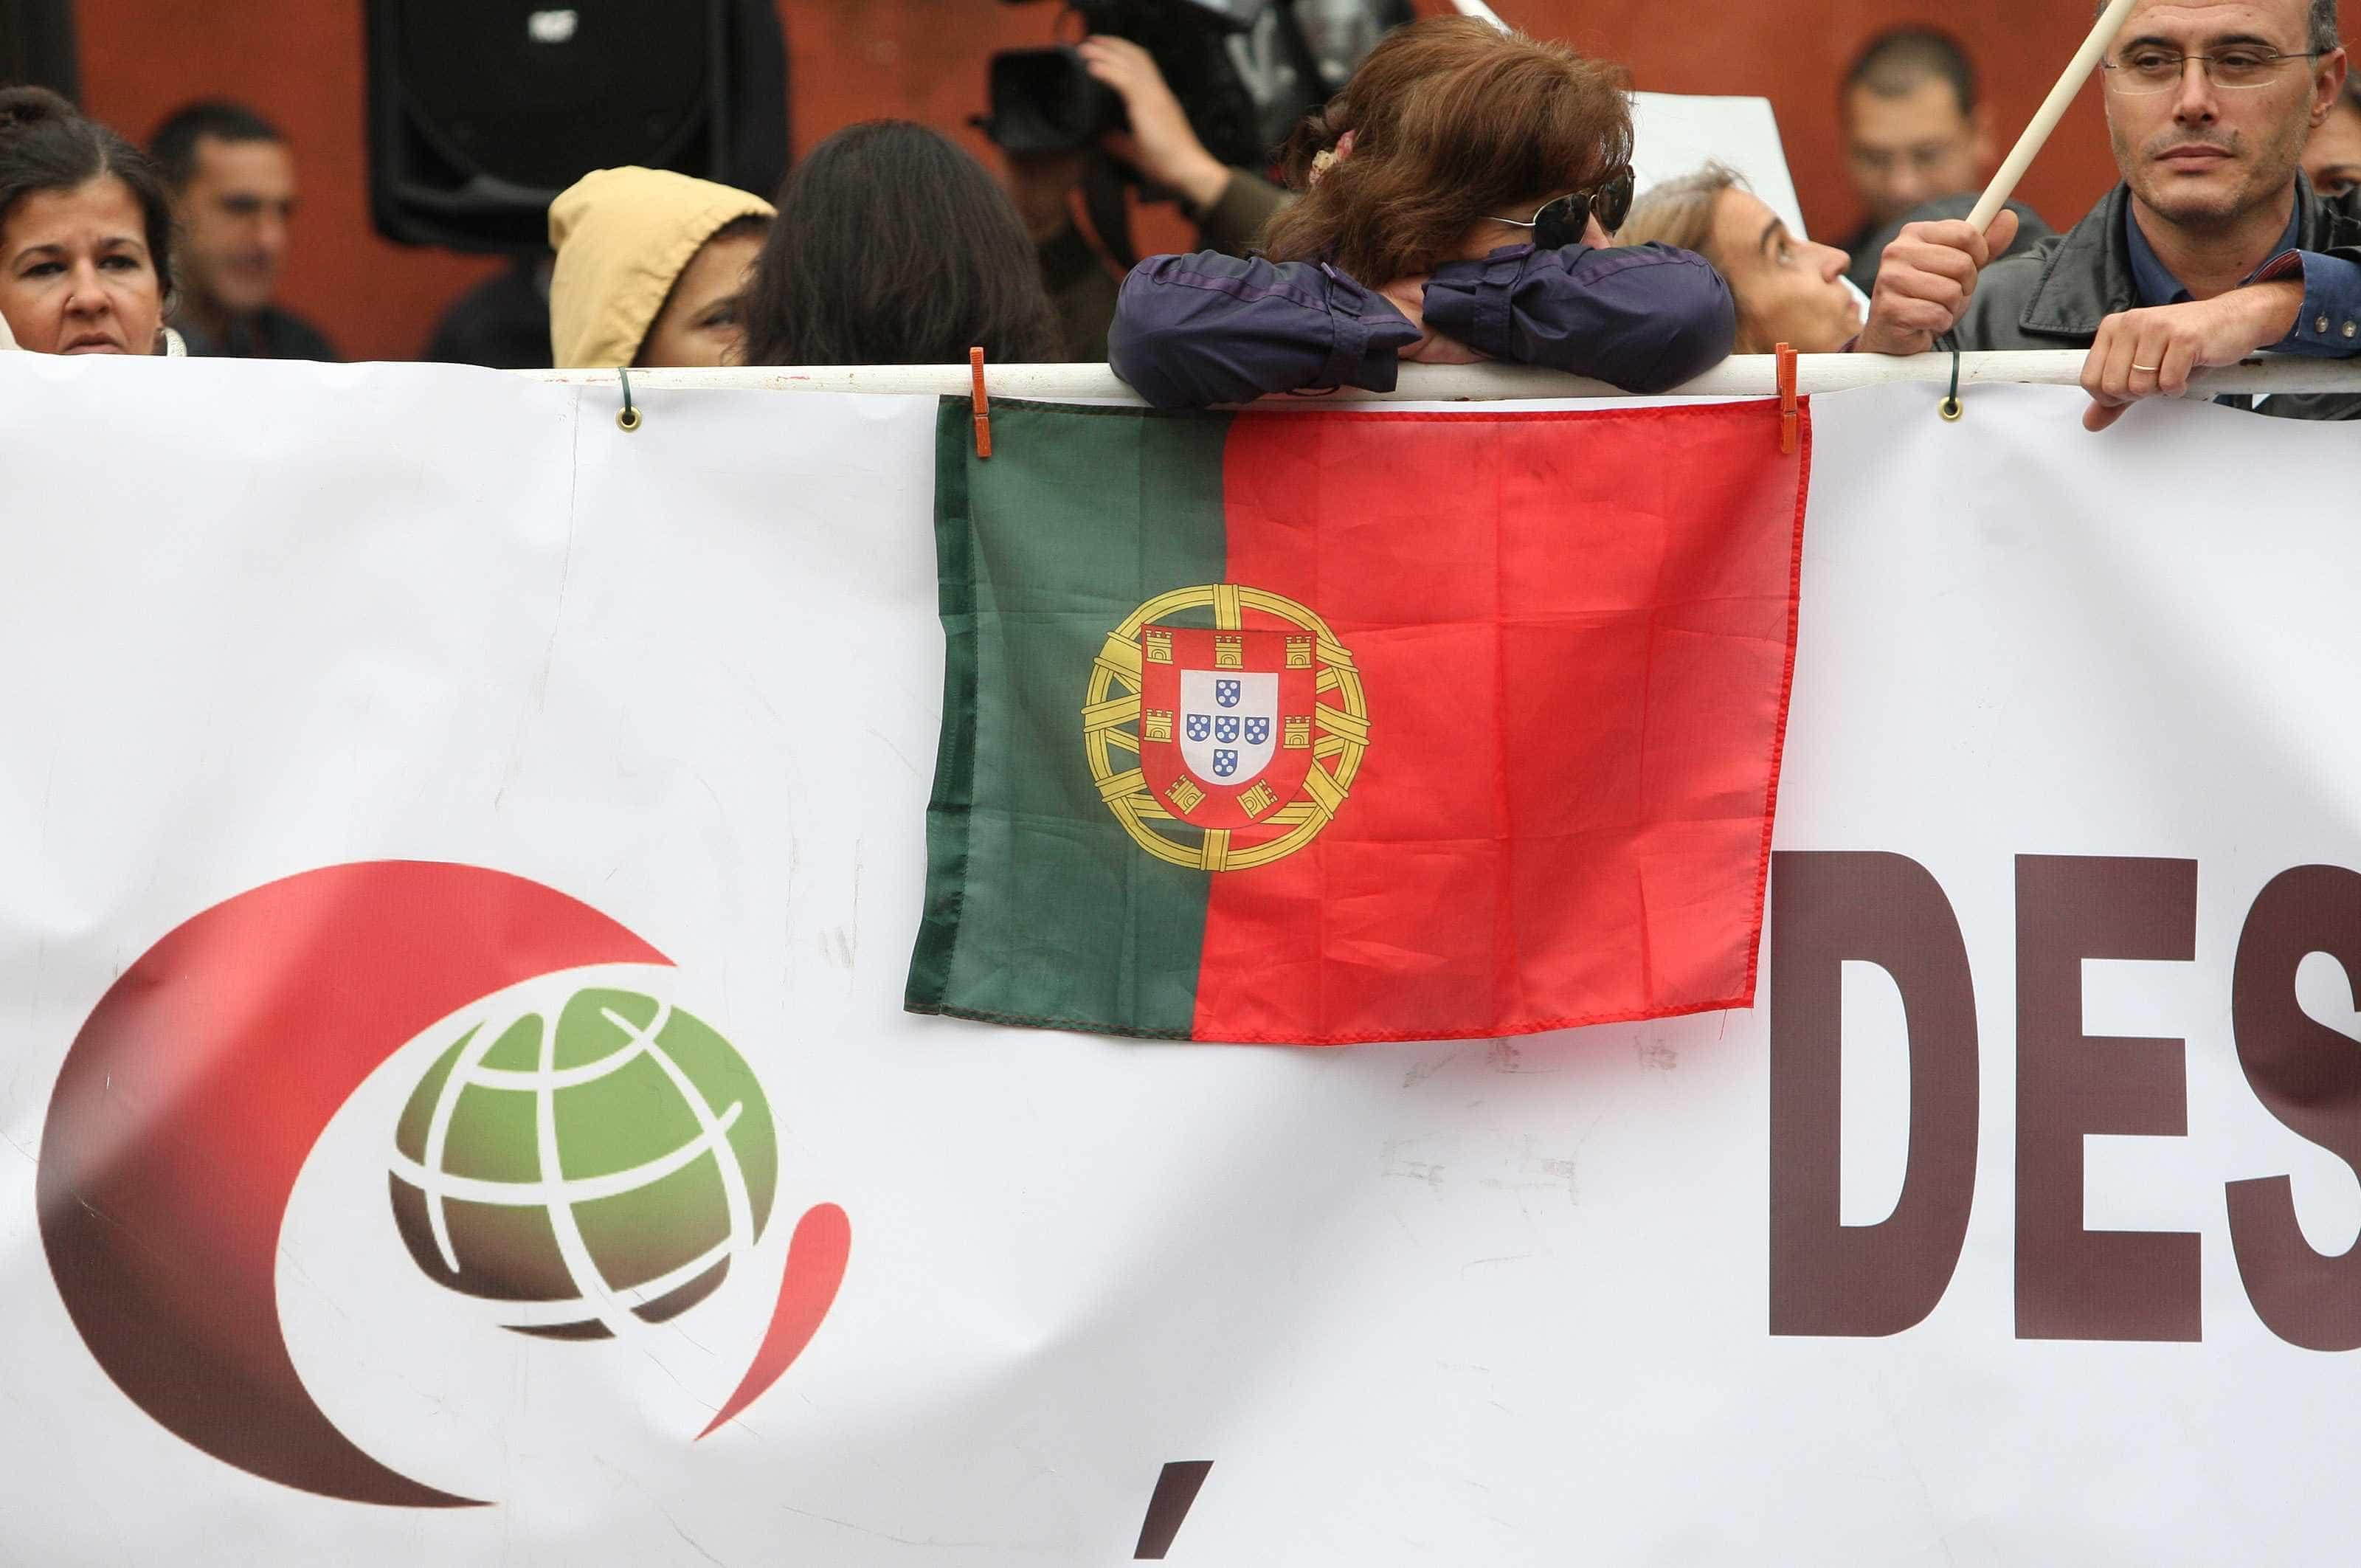 Sindicato solidário com protesto de 25 precários da Lusa